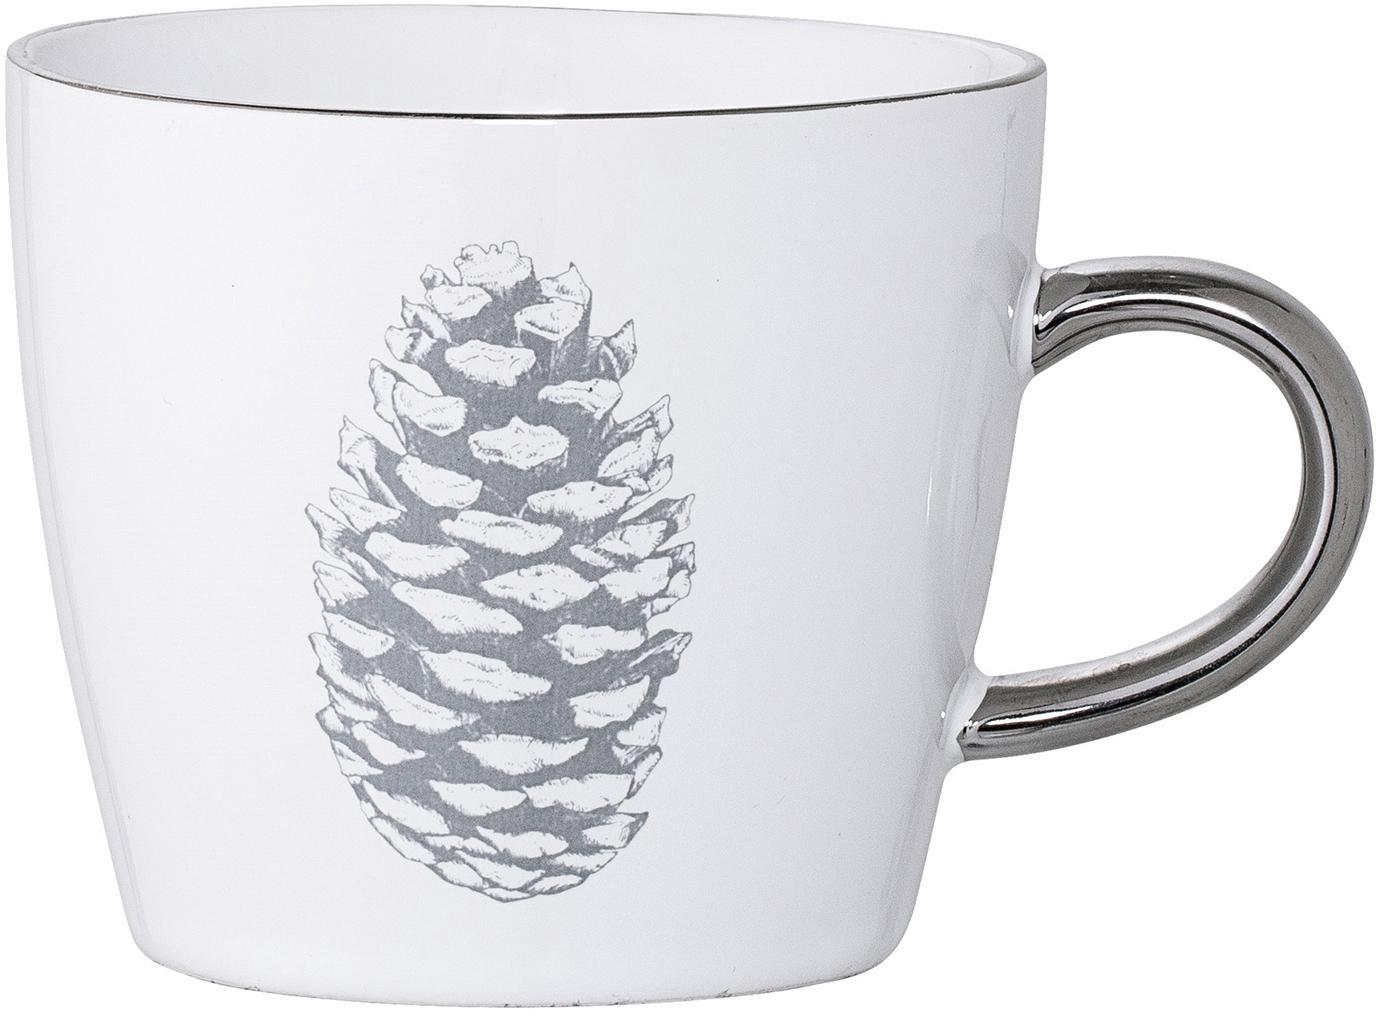 Tazas Frost, 2uds., Gres, Blanco, plateado, gris claro, Ø 10 x Al 8 cm